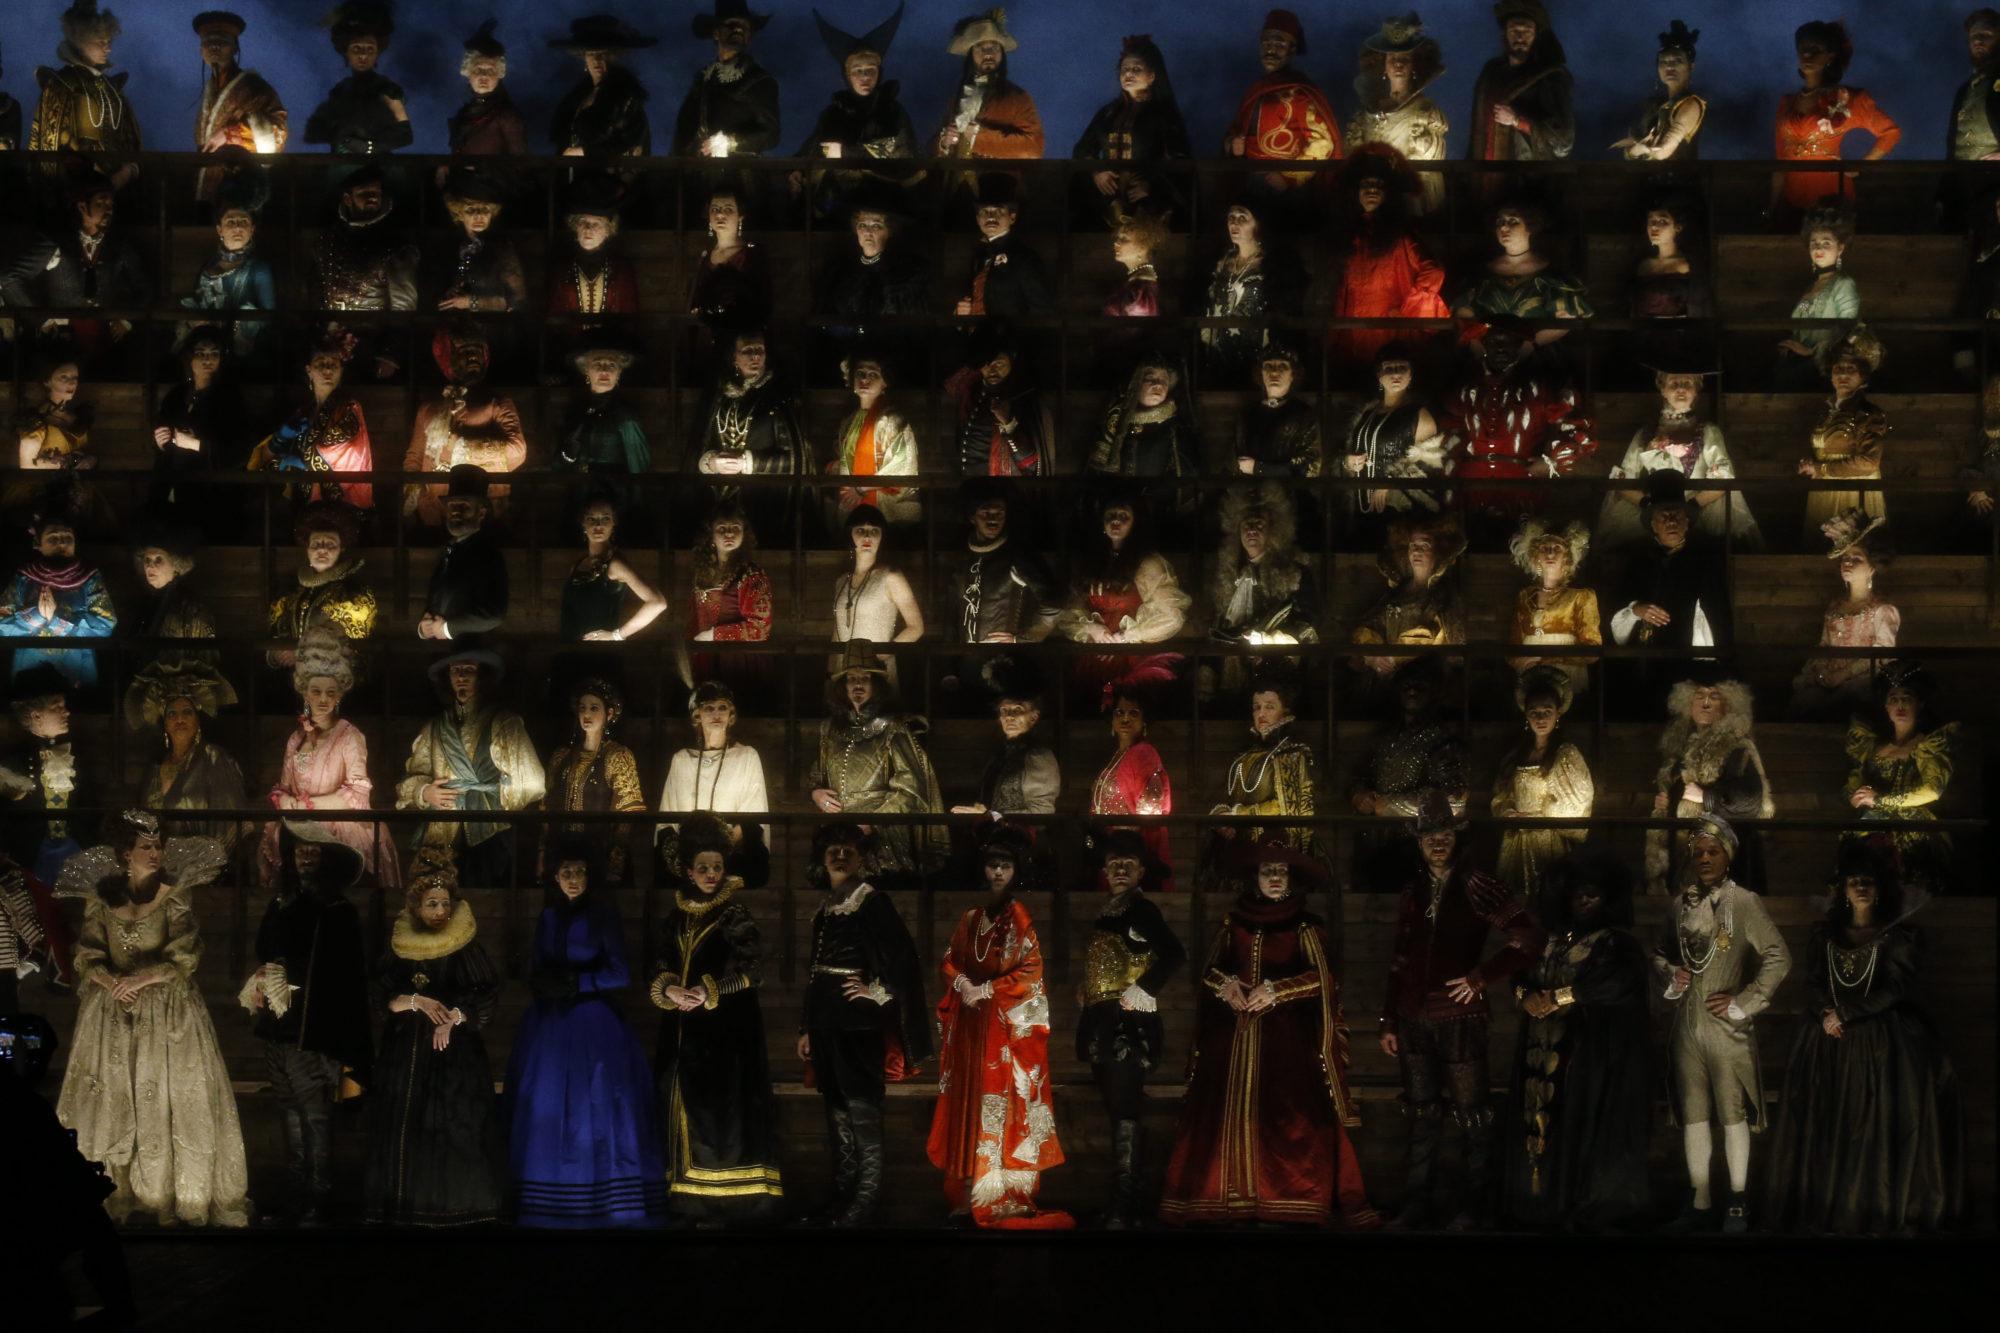 Louis Vuitton Thu-Đông 2020: Sự giao thoa giữa thời đại - 03